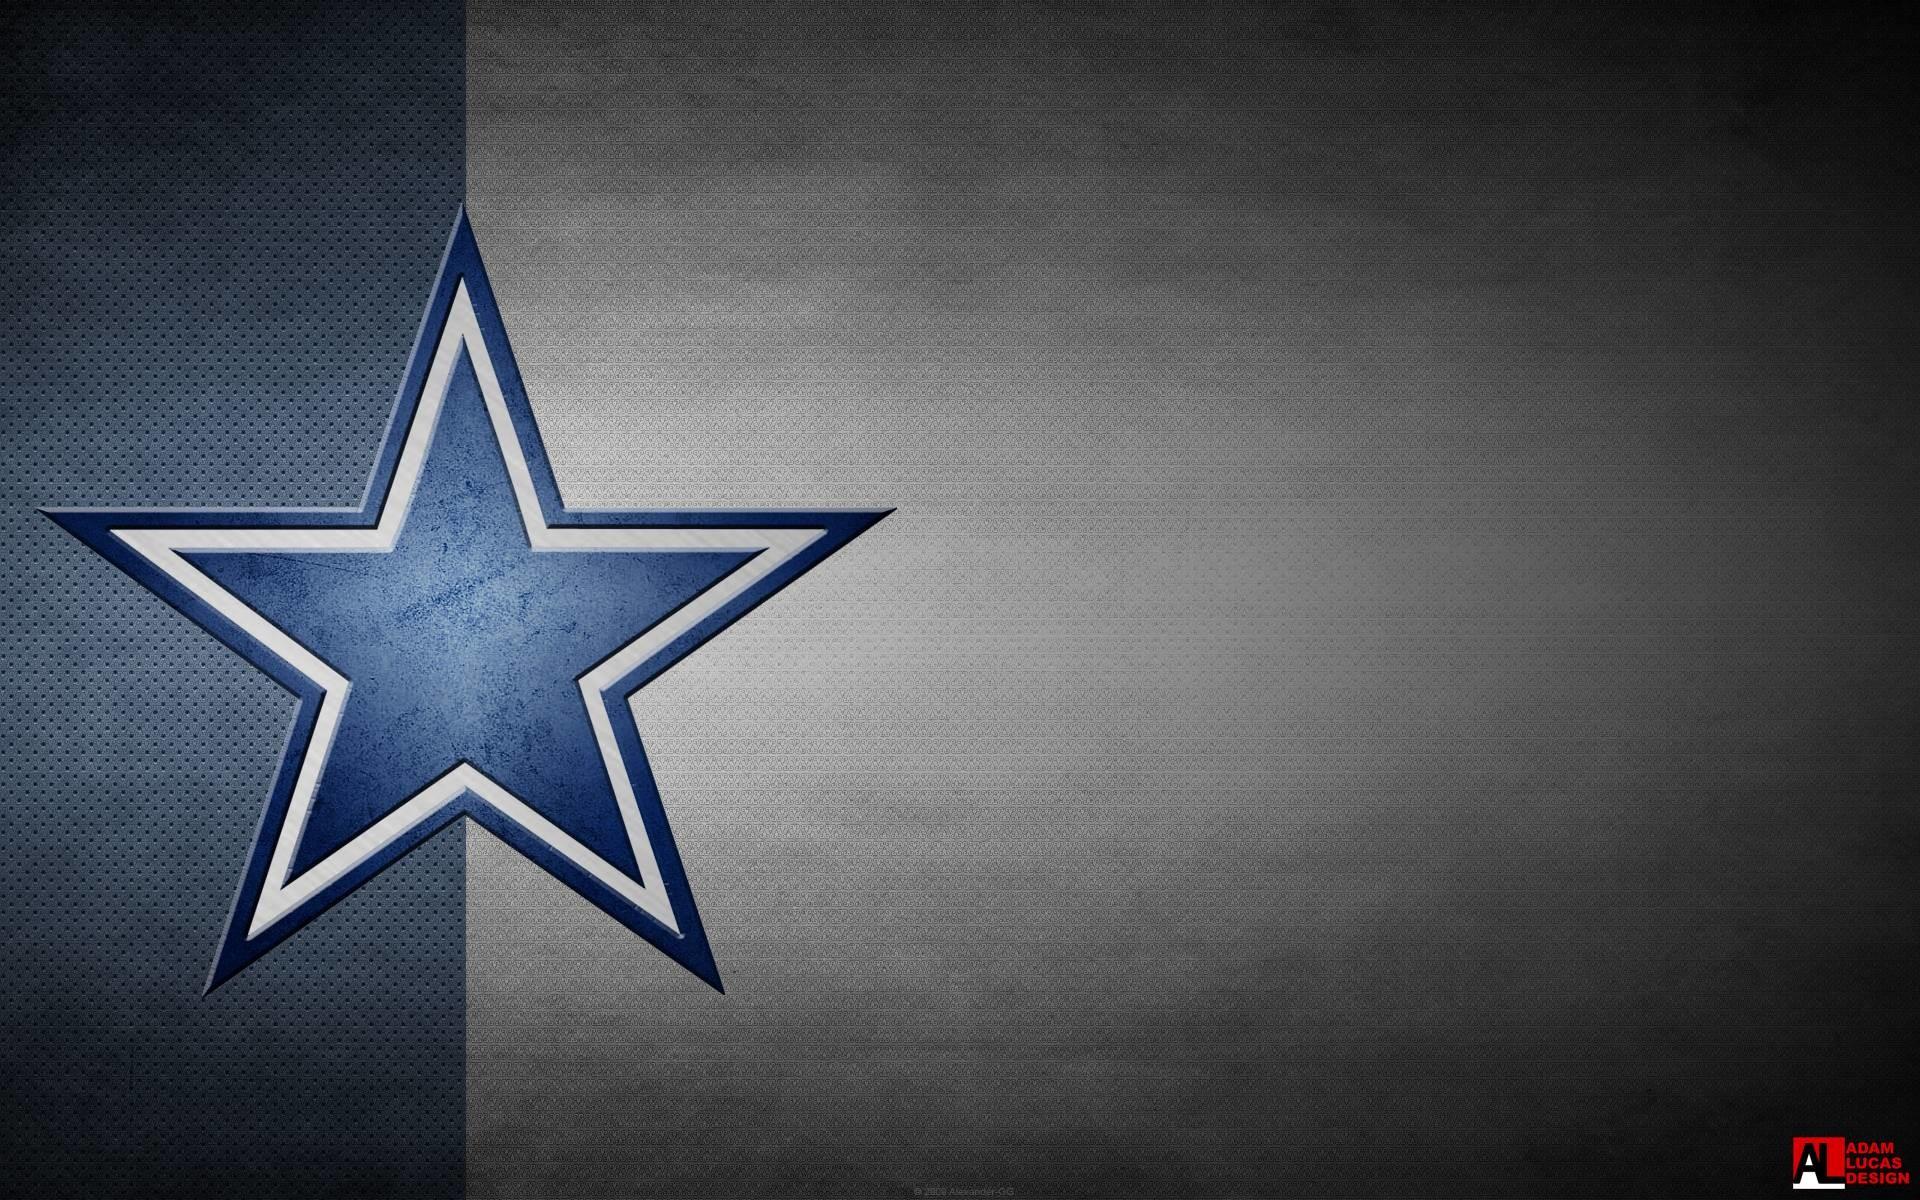 Dallas Cowboys Computer Wallpaper 57 images 1920x1200